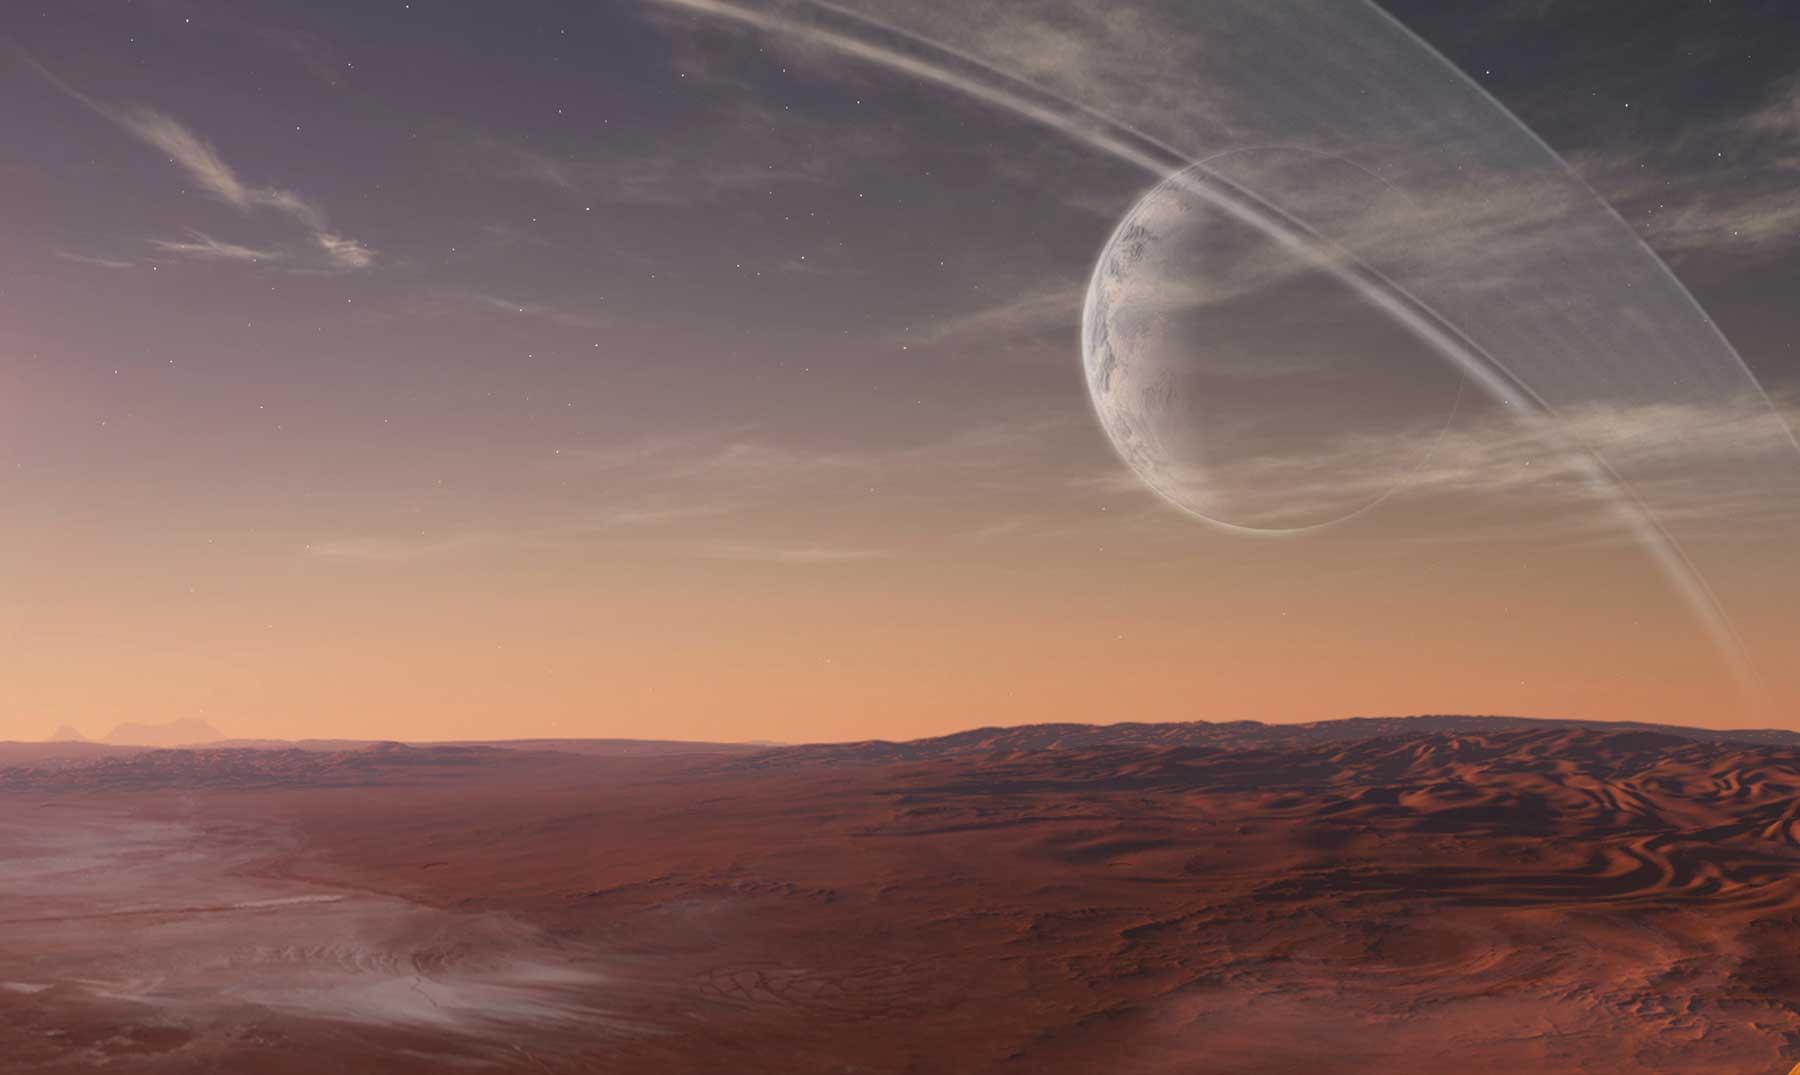 ¿Existe vida más allá de la Tierra?